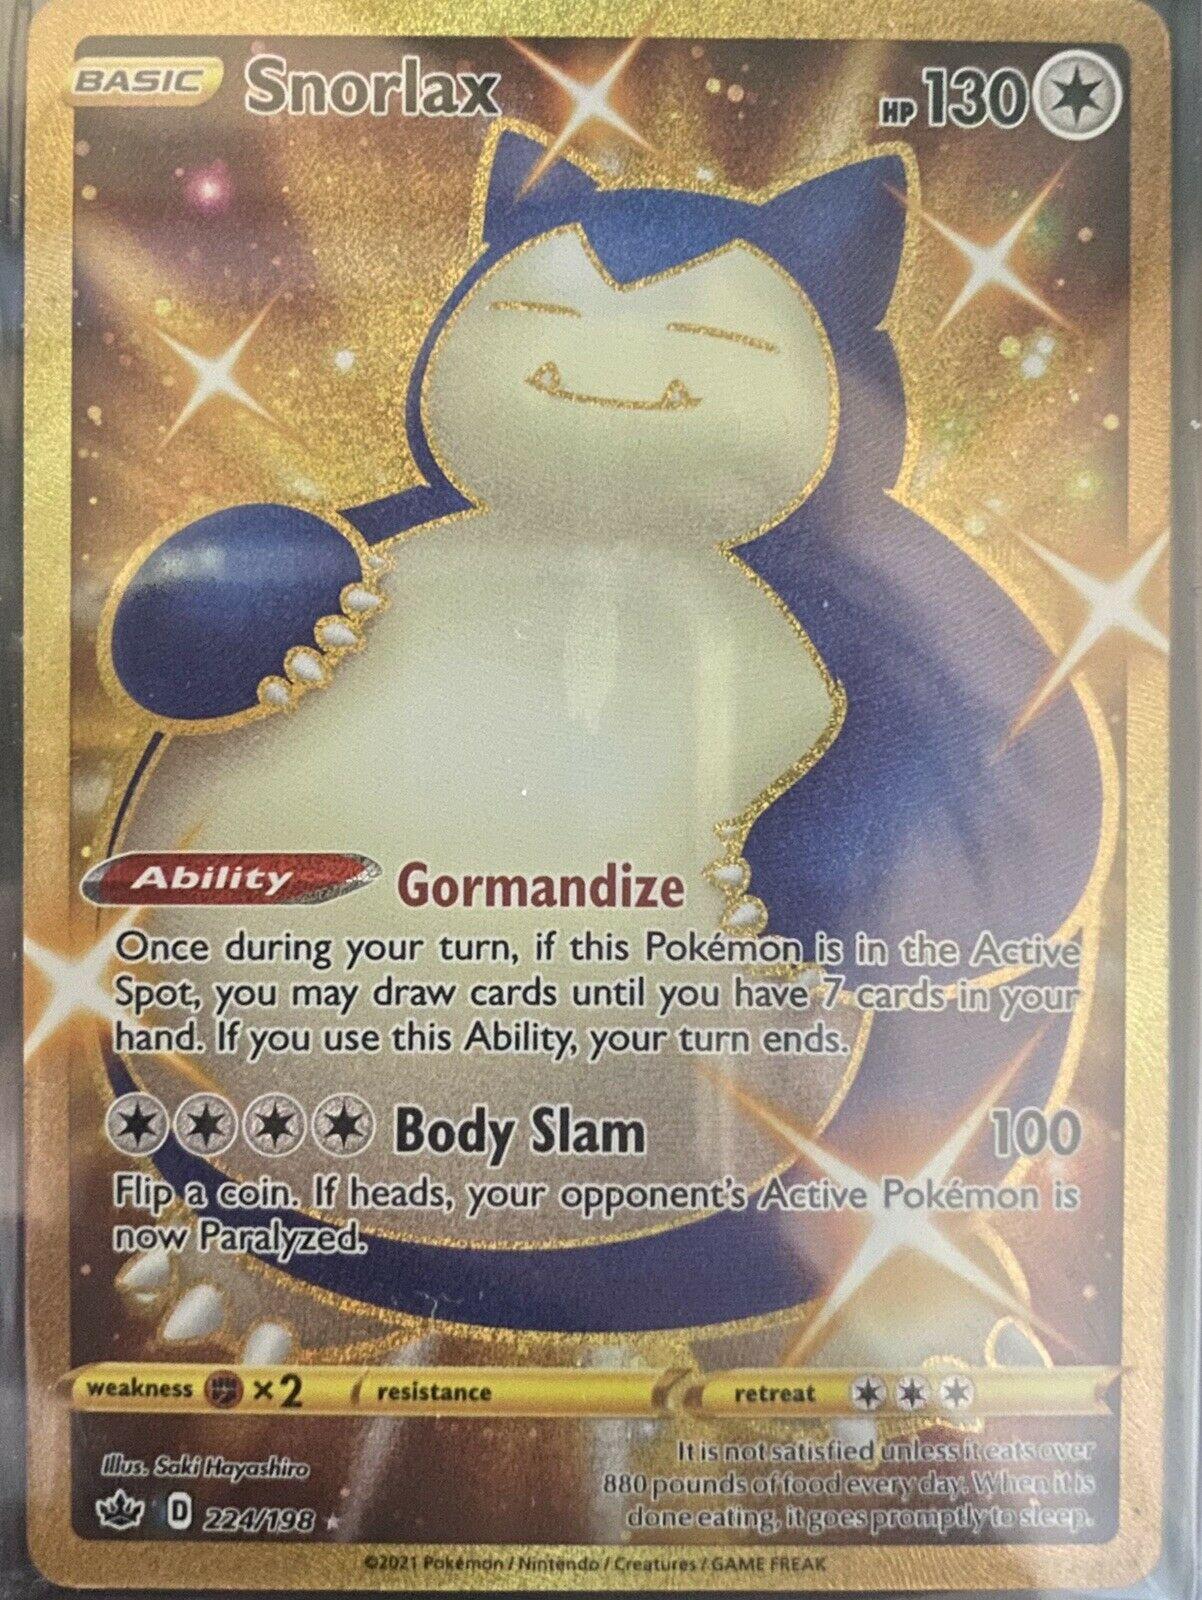 Pokemon 224/198 Snorlax Chilling Reign Secret Gold Rare